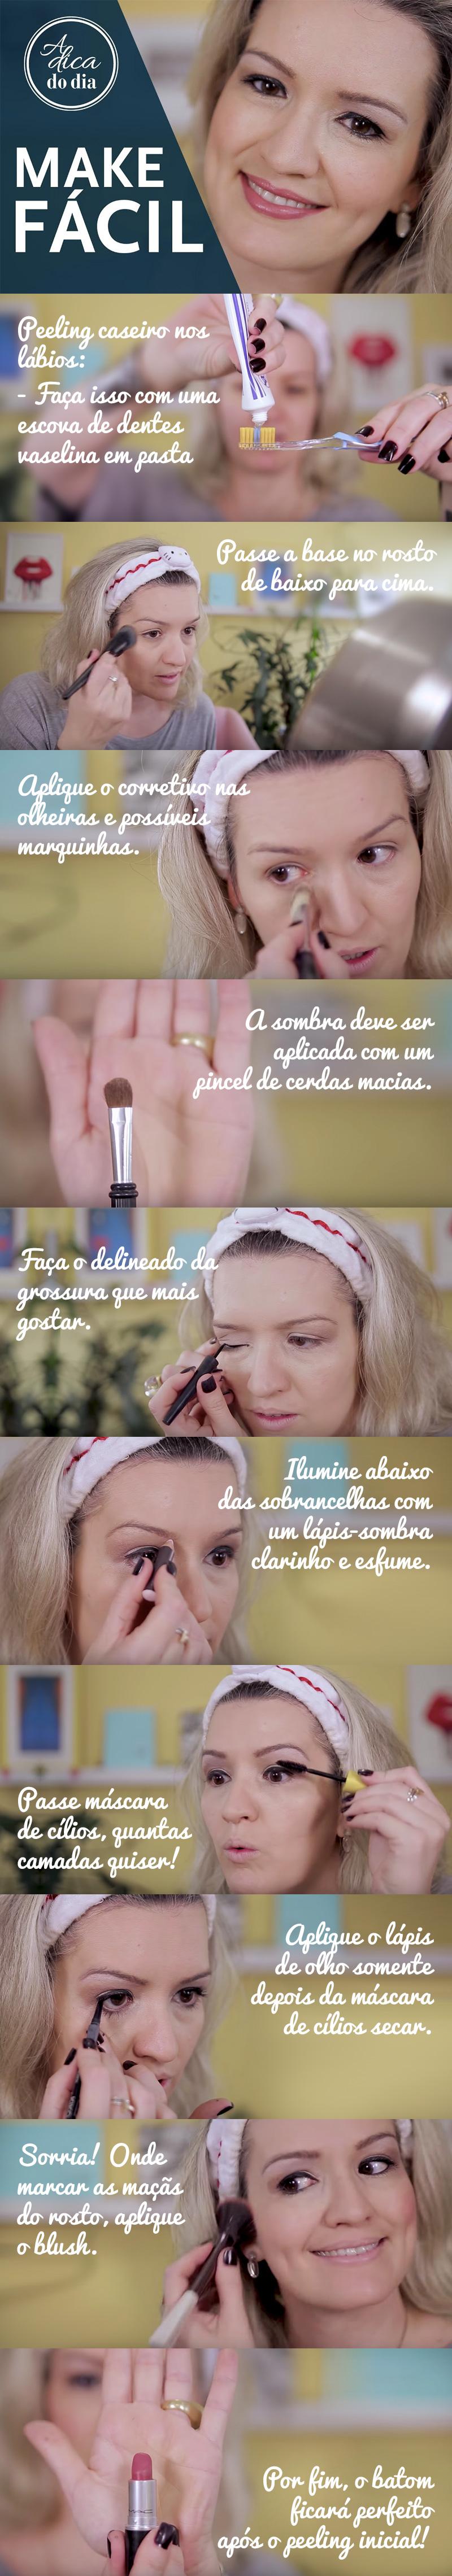 todas as dicas de maquiagem